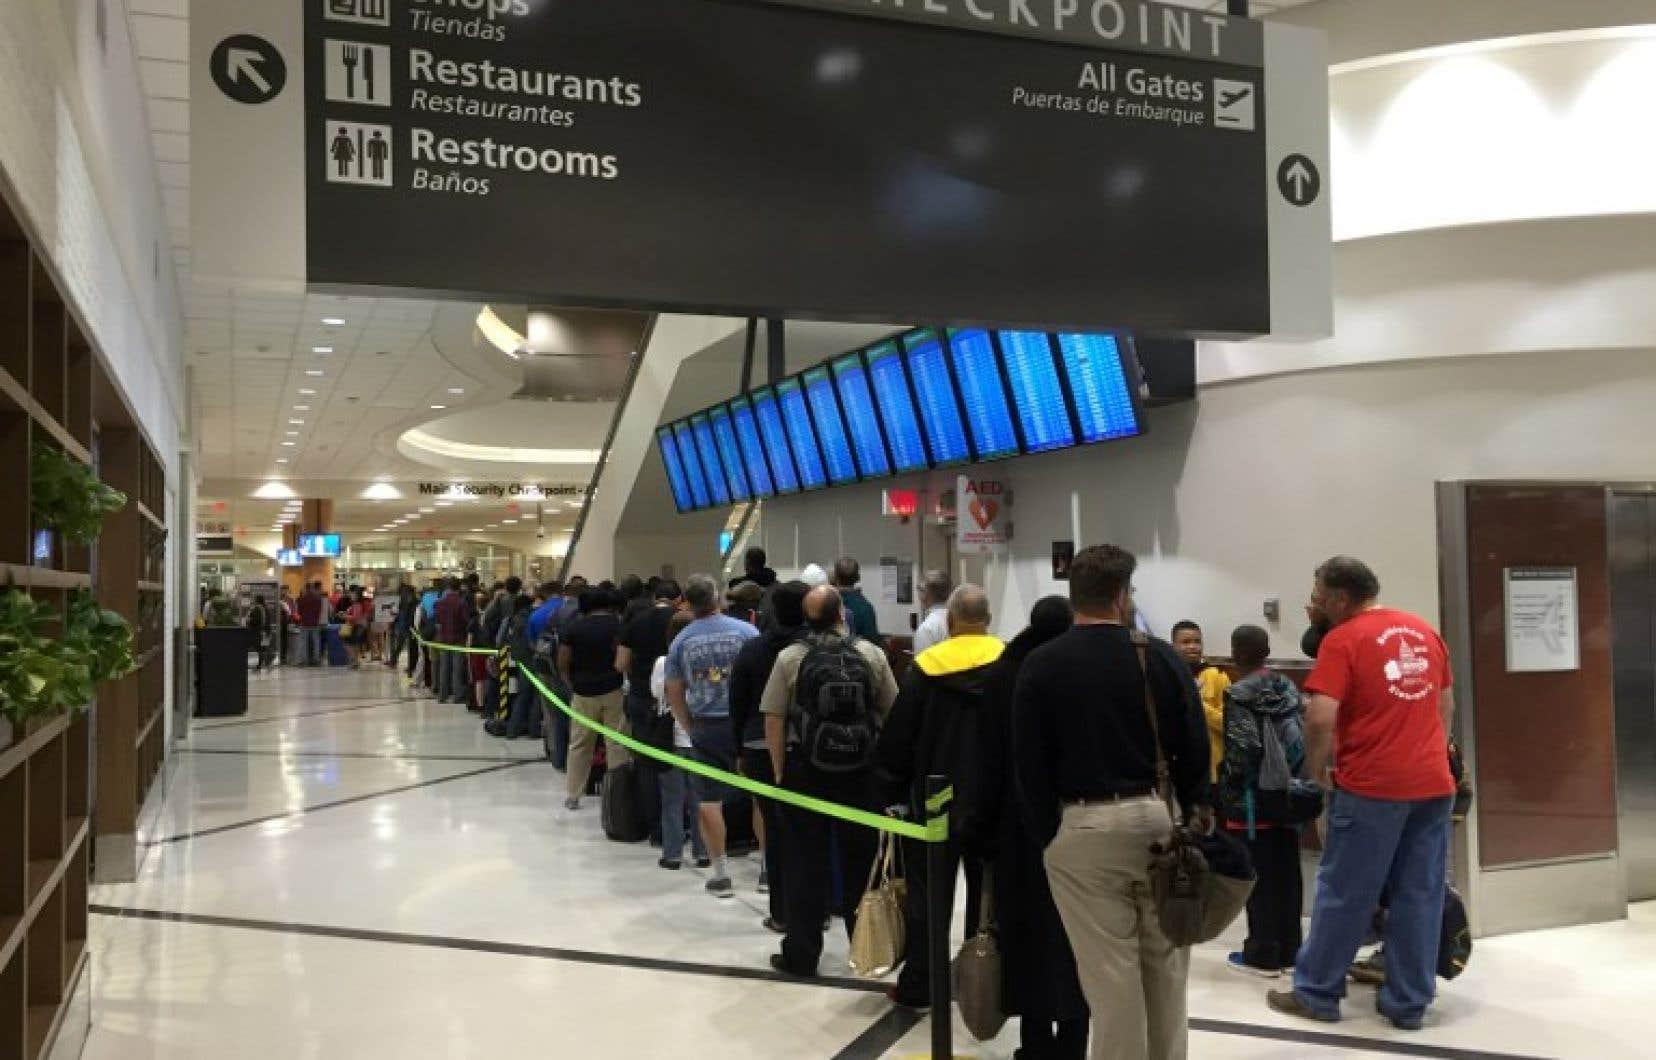 Le mécontentement grondait aussi parmi ceux qui attendaient dans l'aéroport depuis dimanche après-midi.